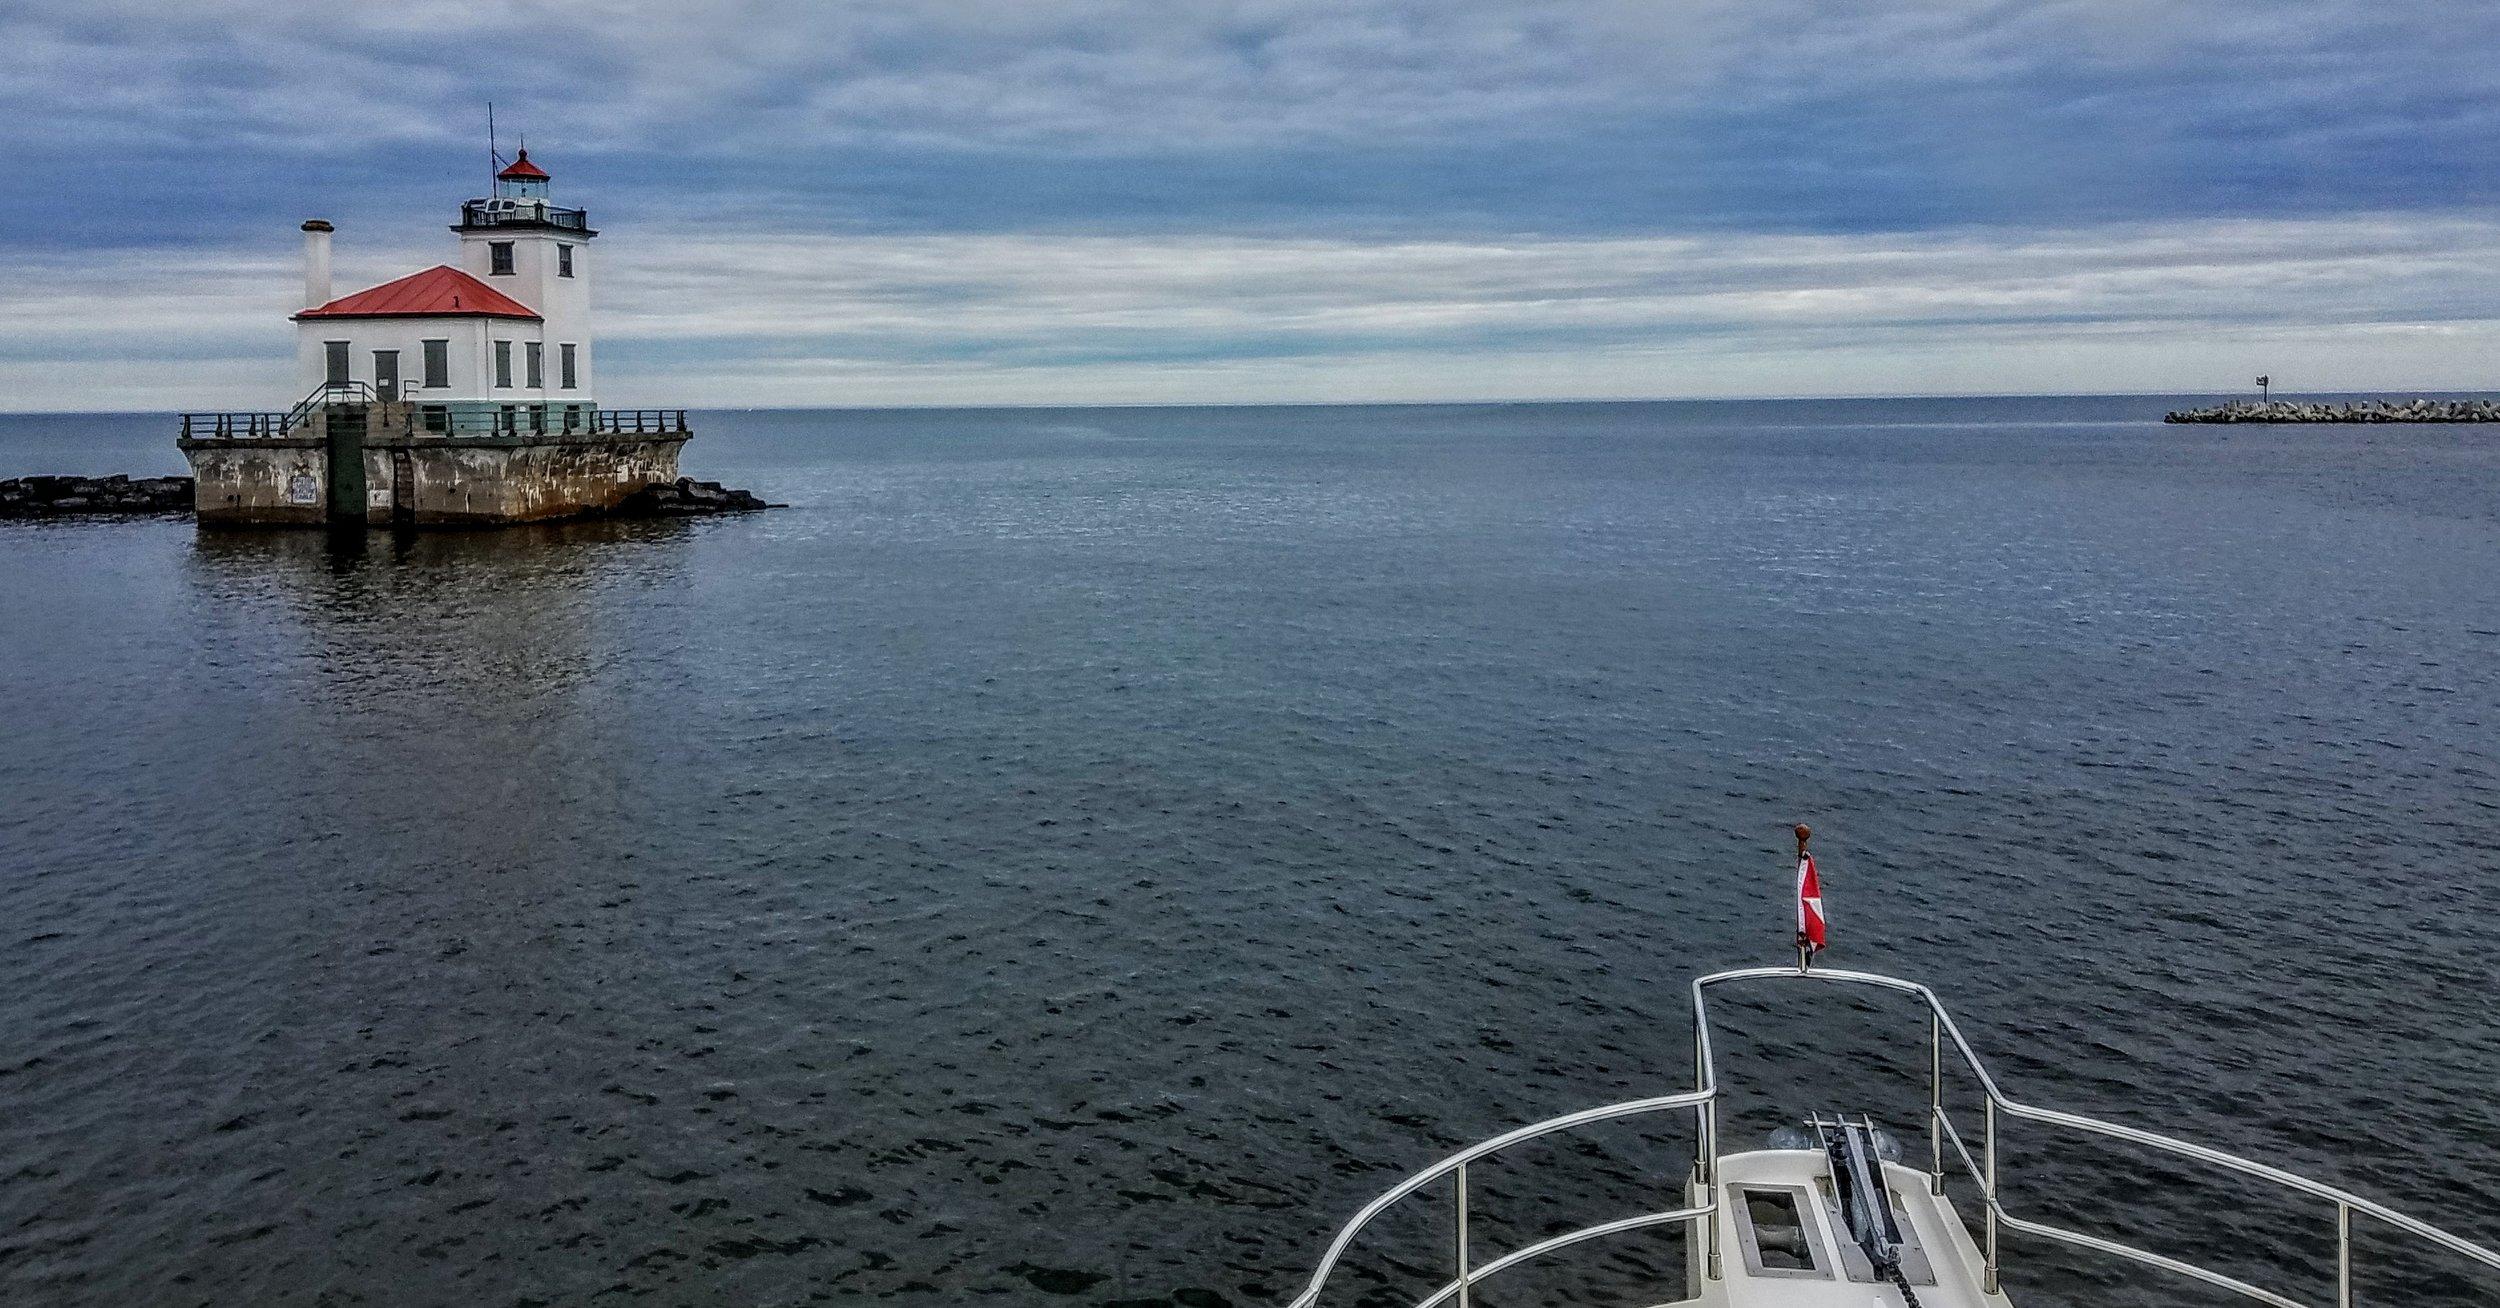 Departing Oswego, NY looking across Lake Ontario